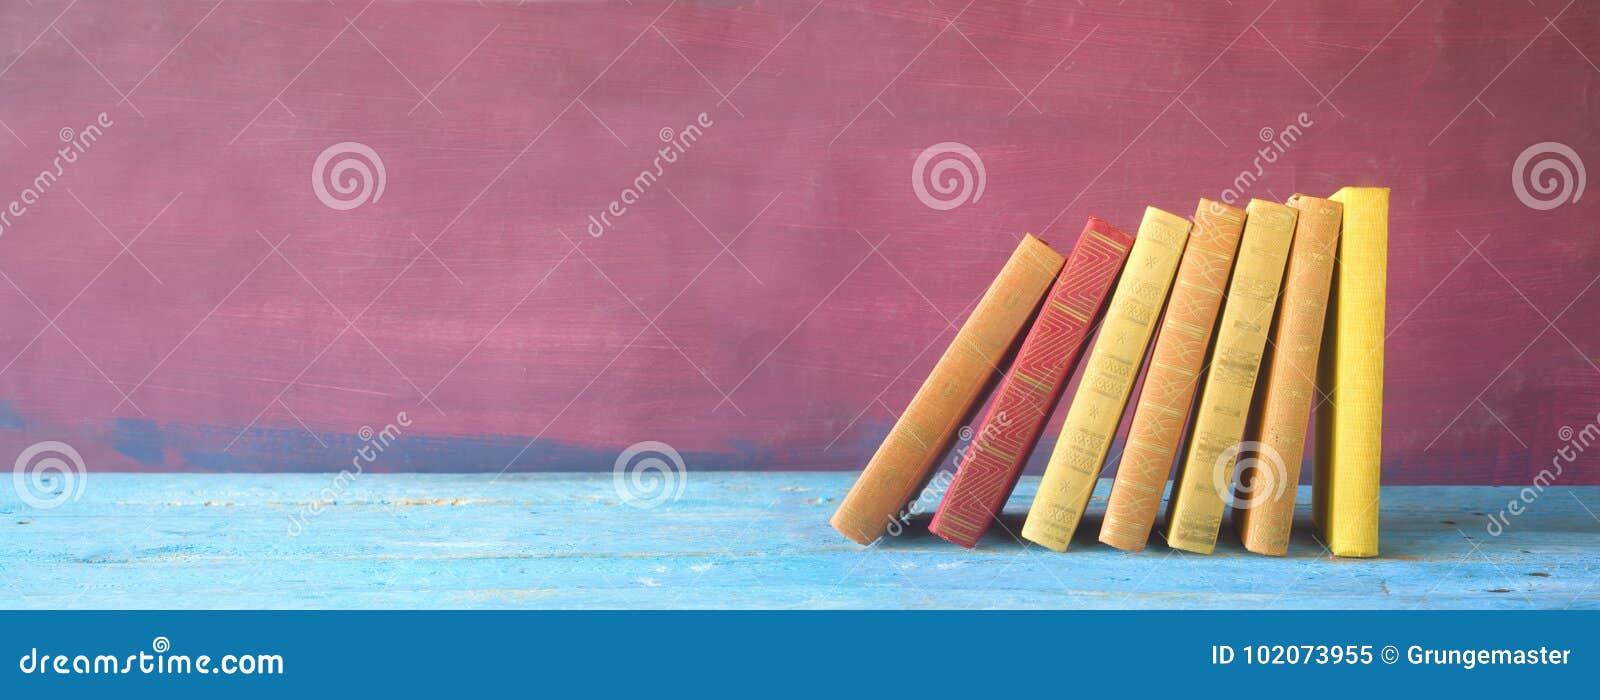 Reihe von Büchern, Panorama,